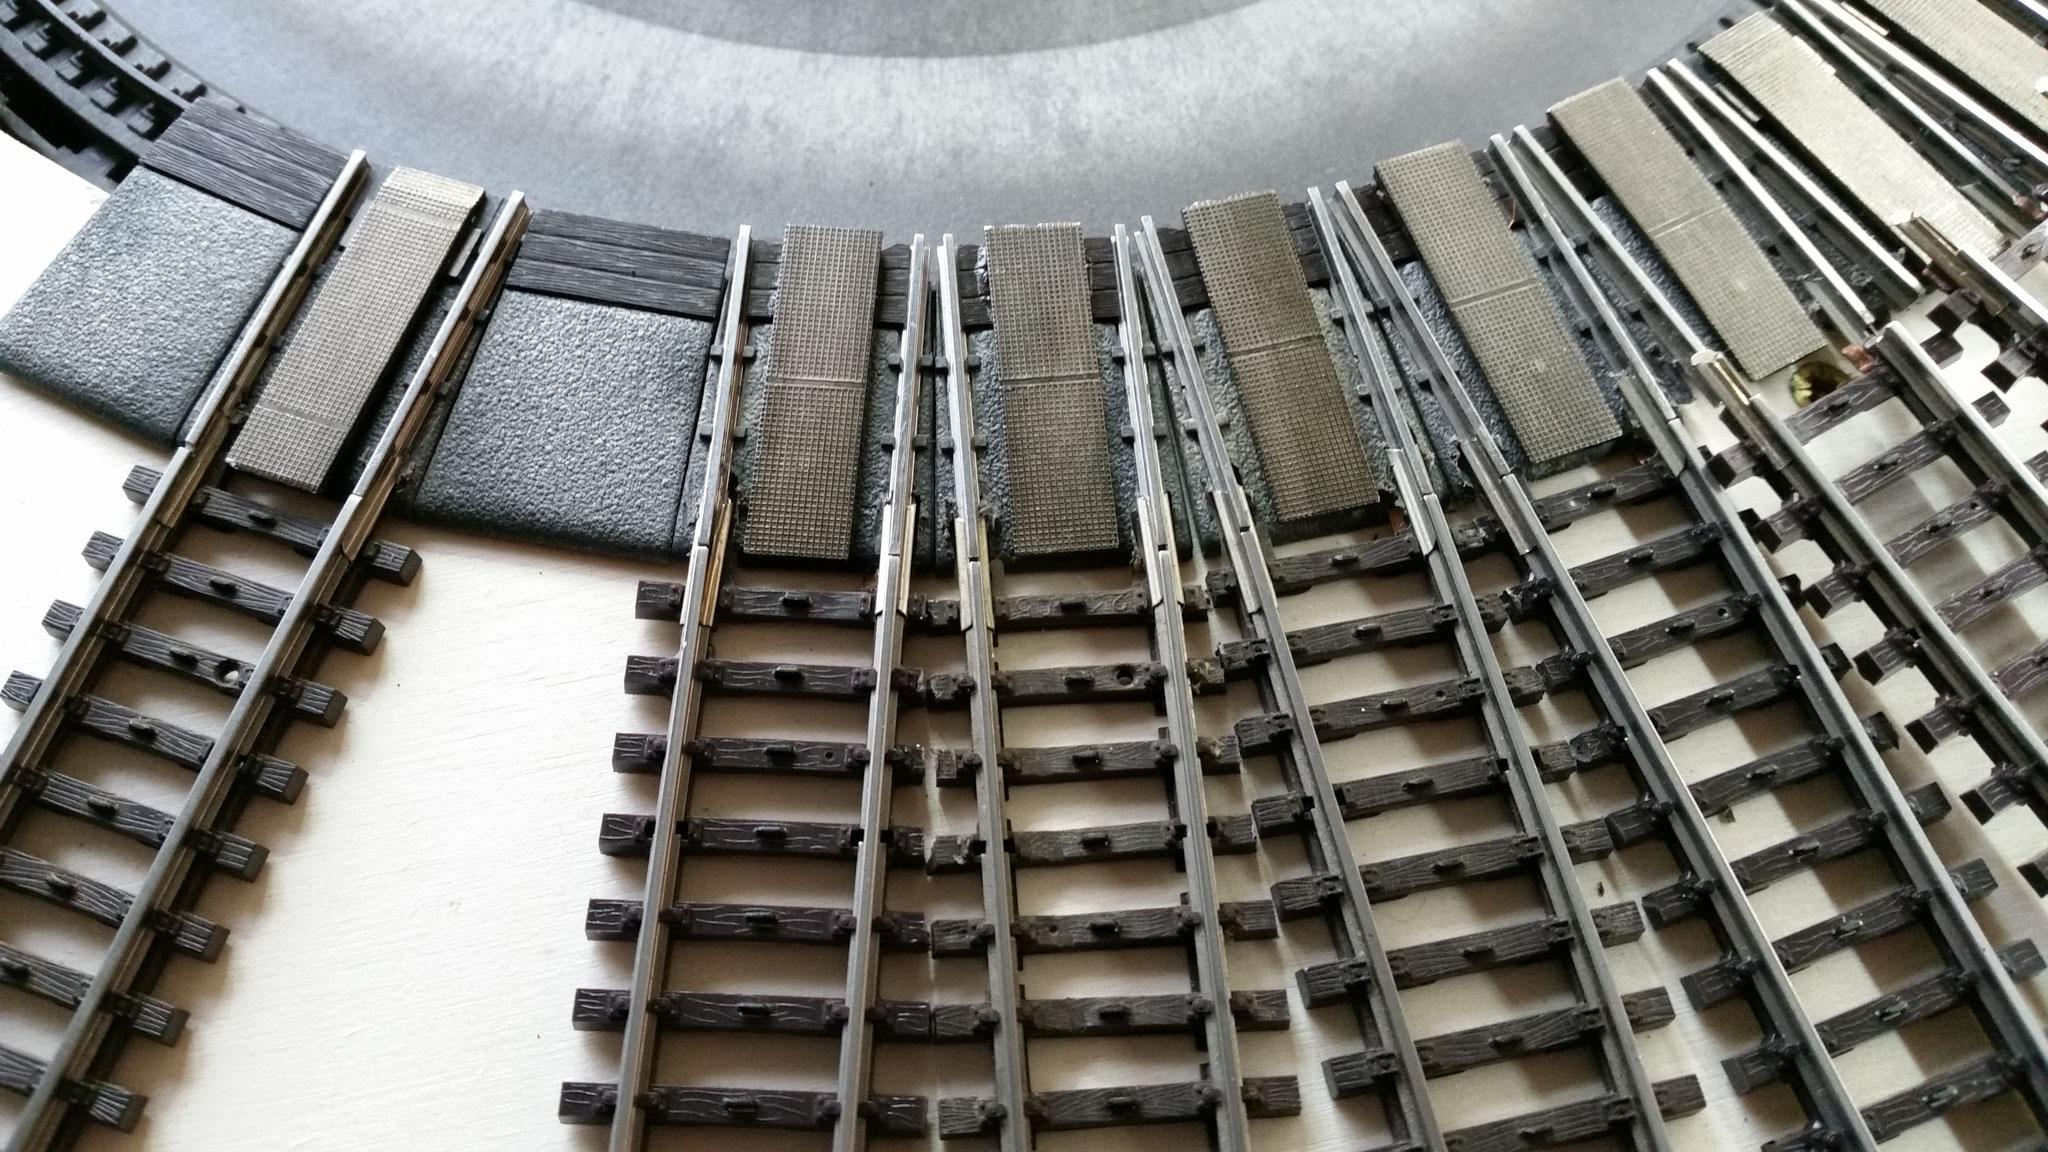 Bei den normalen Gleisen müssen dann die Schwellen etwas abgesägt werden, damit sie nebeneinander passen.